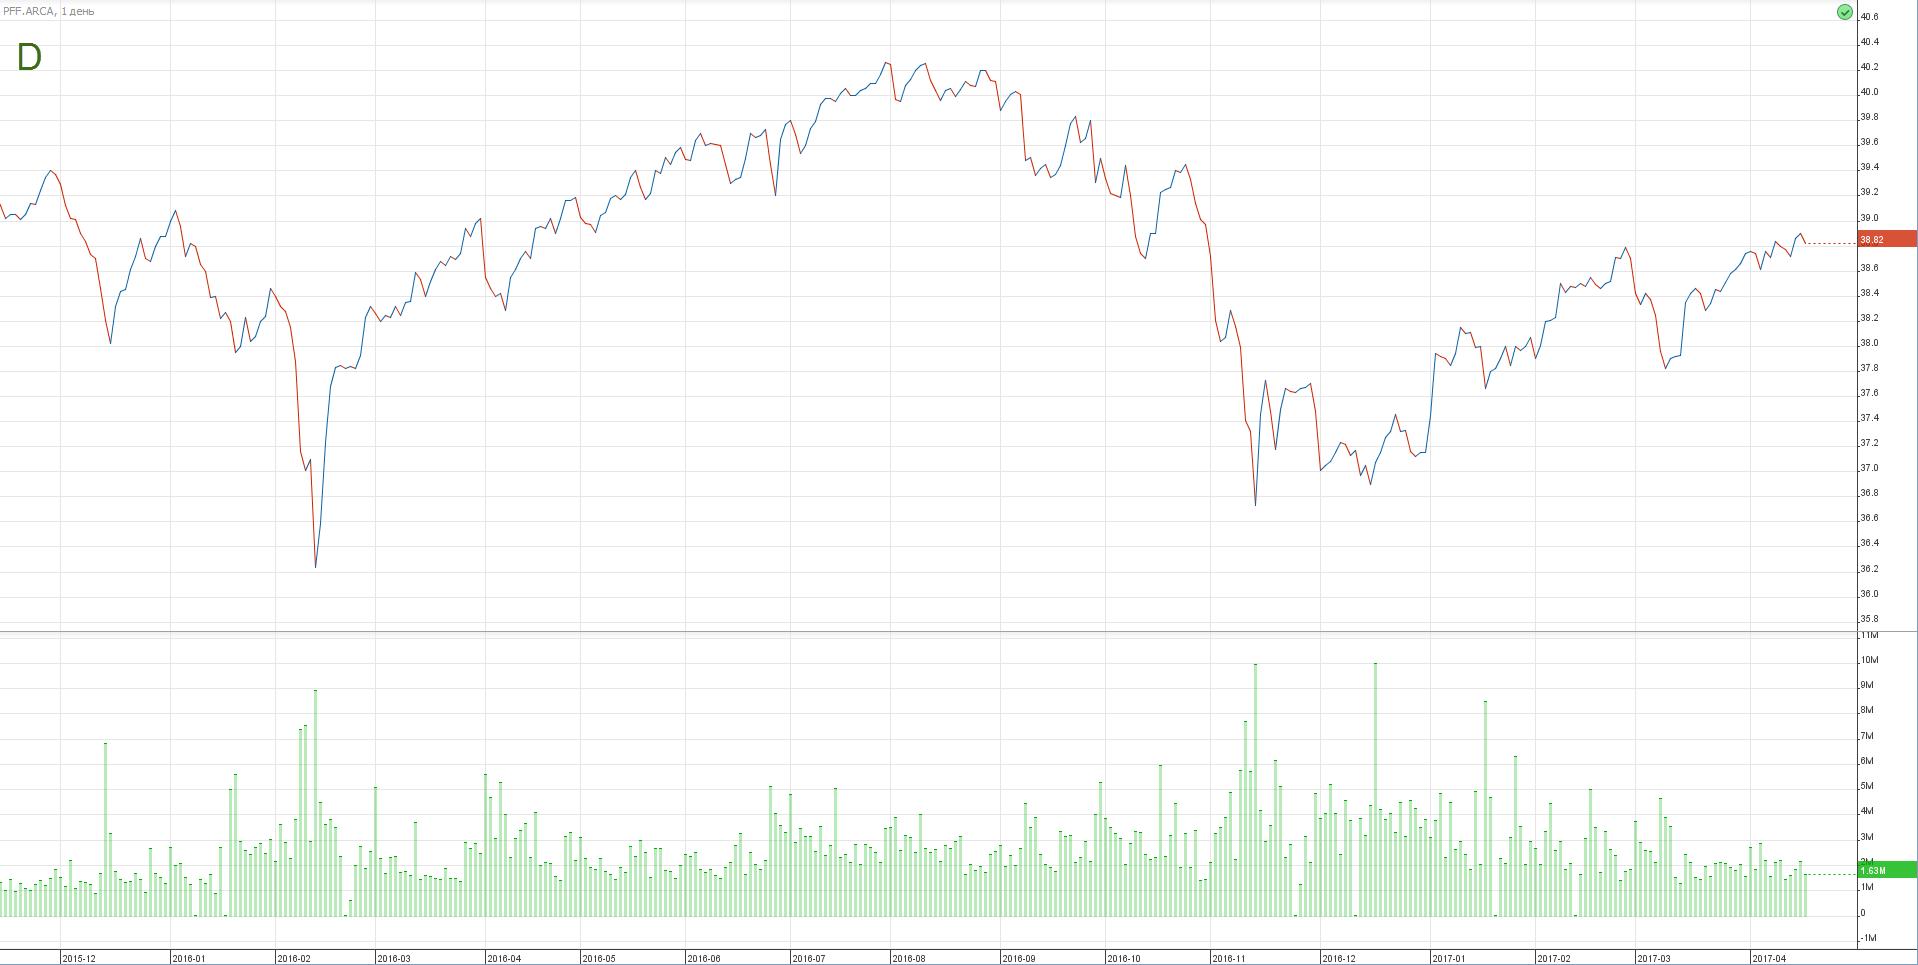 акции дивидендных ETF